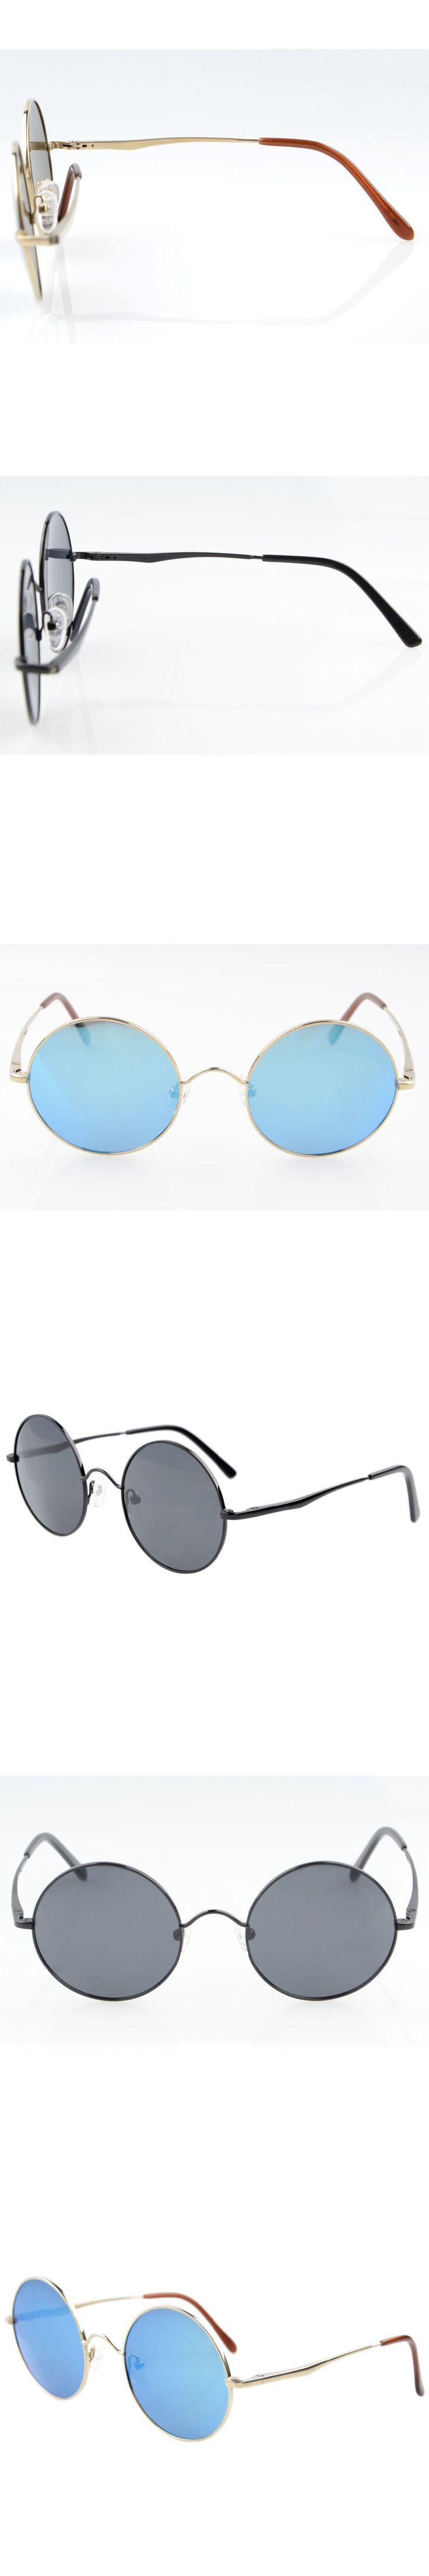 LS0007 Eyekepper Titanium Retro Round Large Frame Spring-hinged Polarized Sunglasses